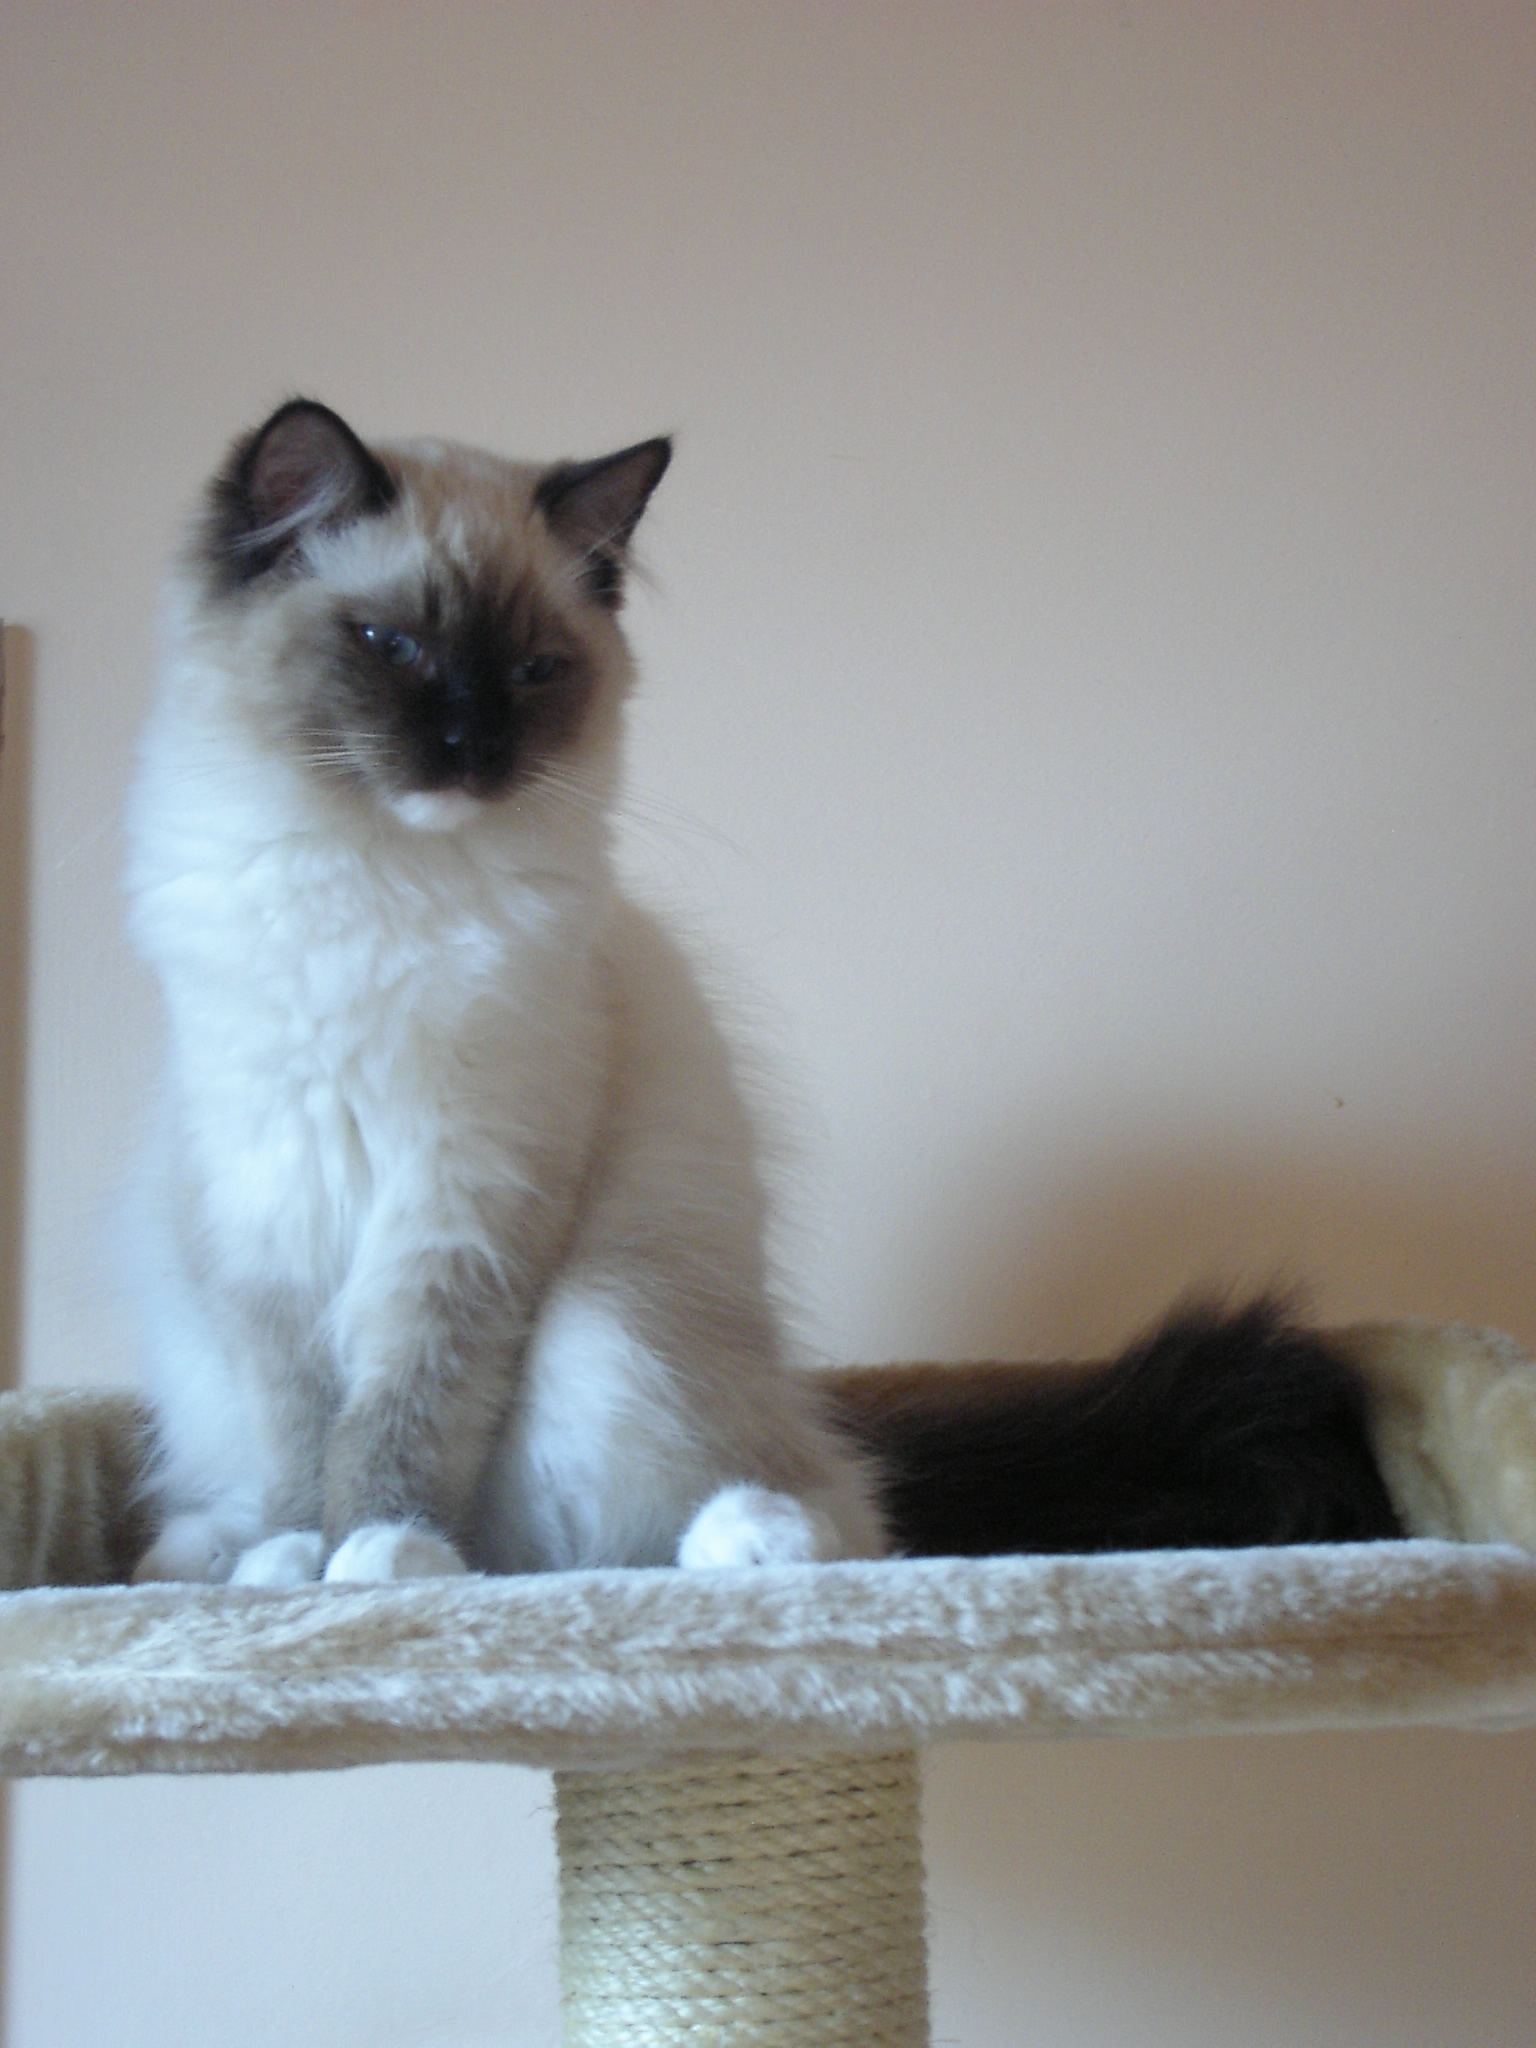 Cat White And Black Dandruff